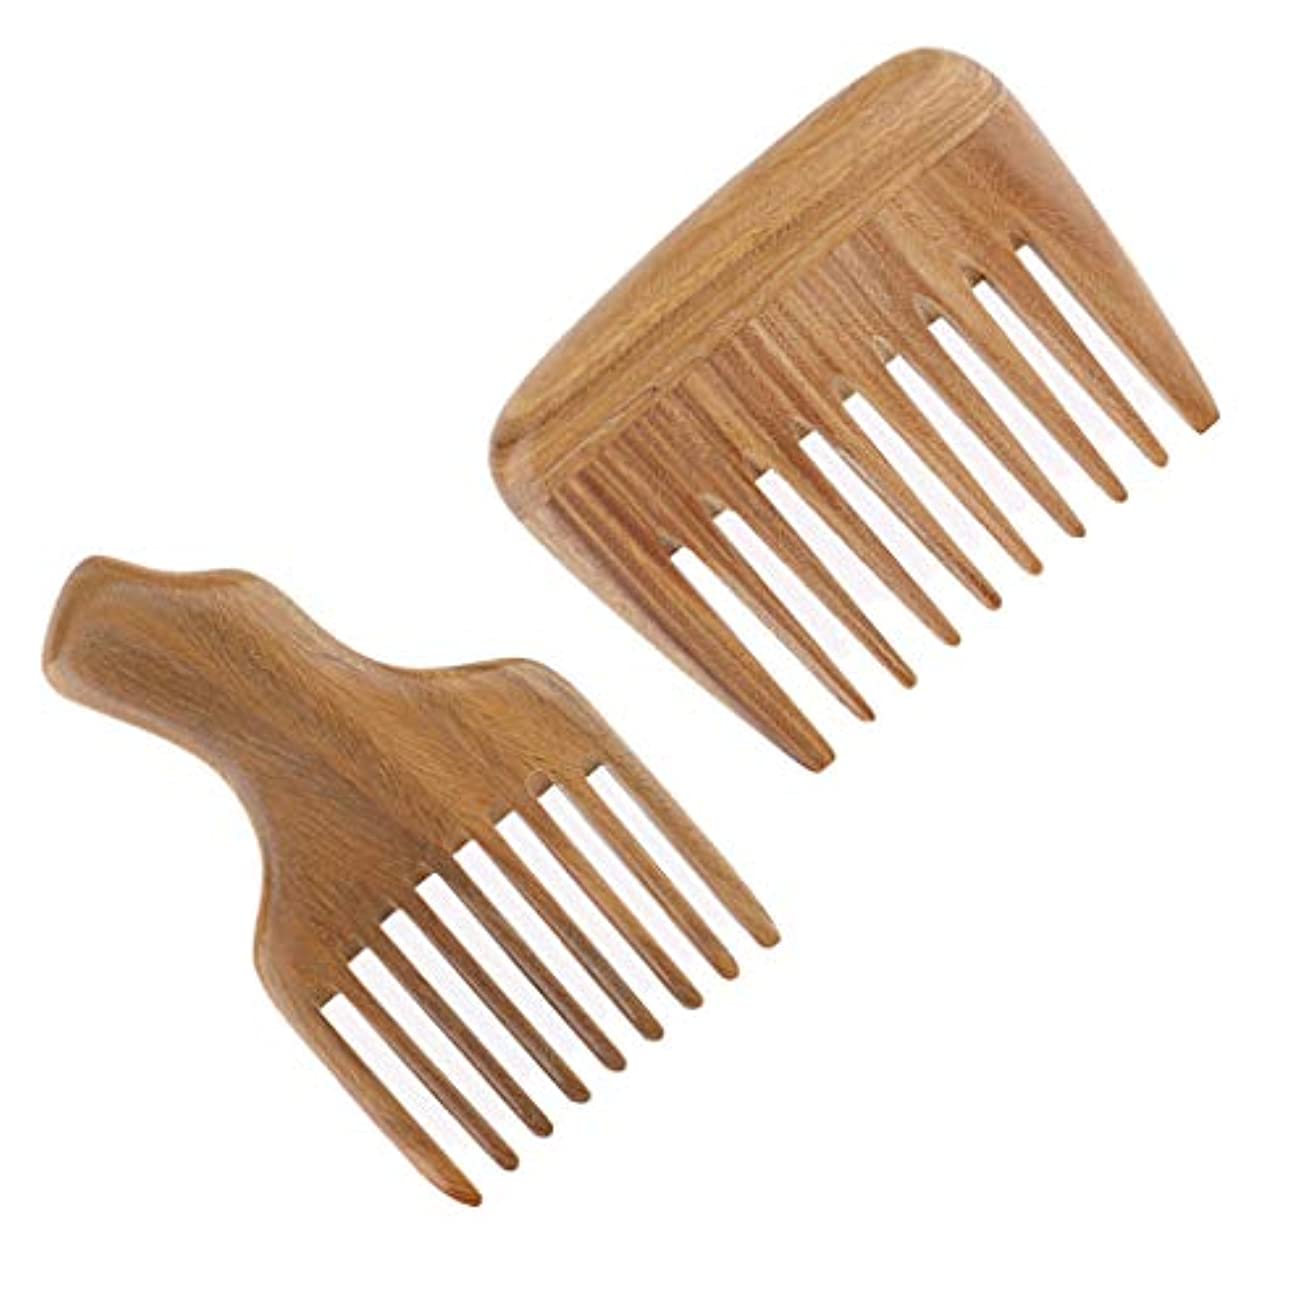 運搬干渉する扇動木製コーム ヘアブラシ ヘアコーム 粗い櫛 ユニセックス 理髪店 サロン アクセサリー 2個入り